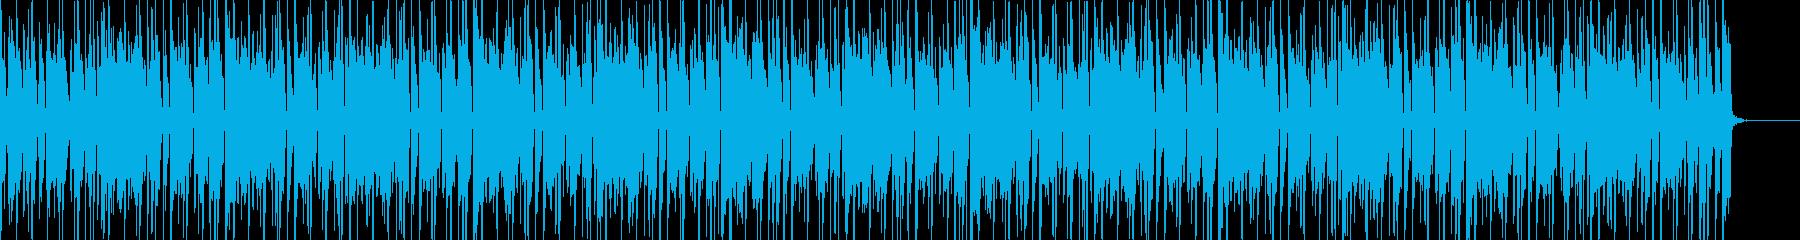 クラビネットとブラスのファンクBGMの再生済みの波形